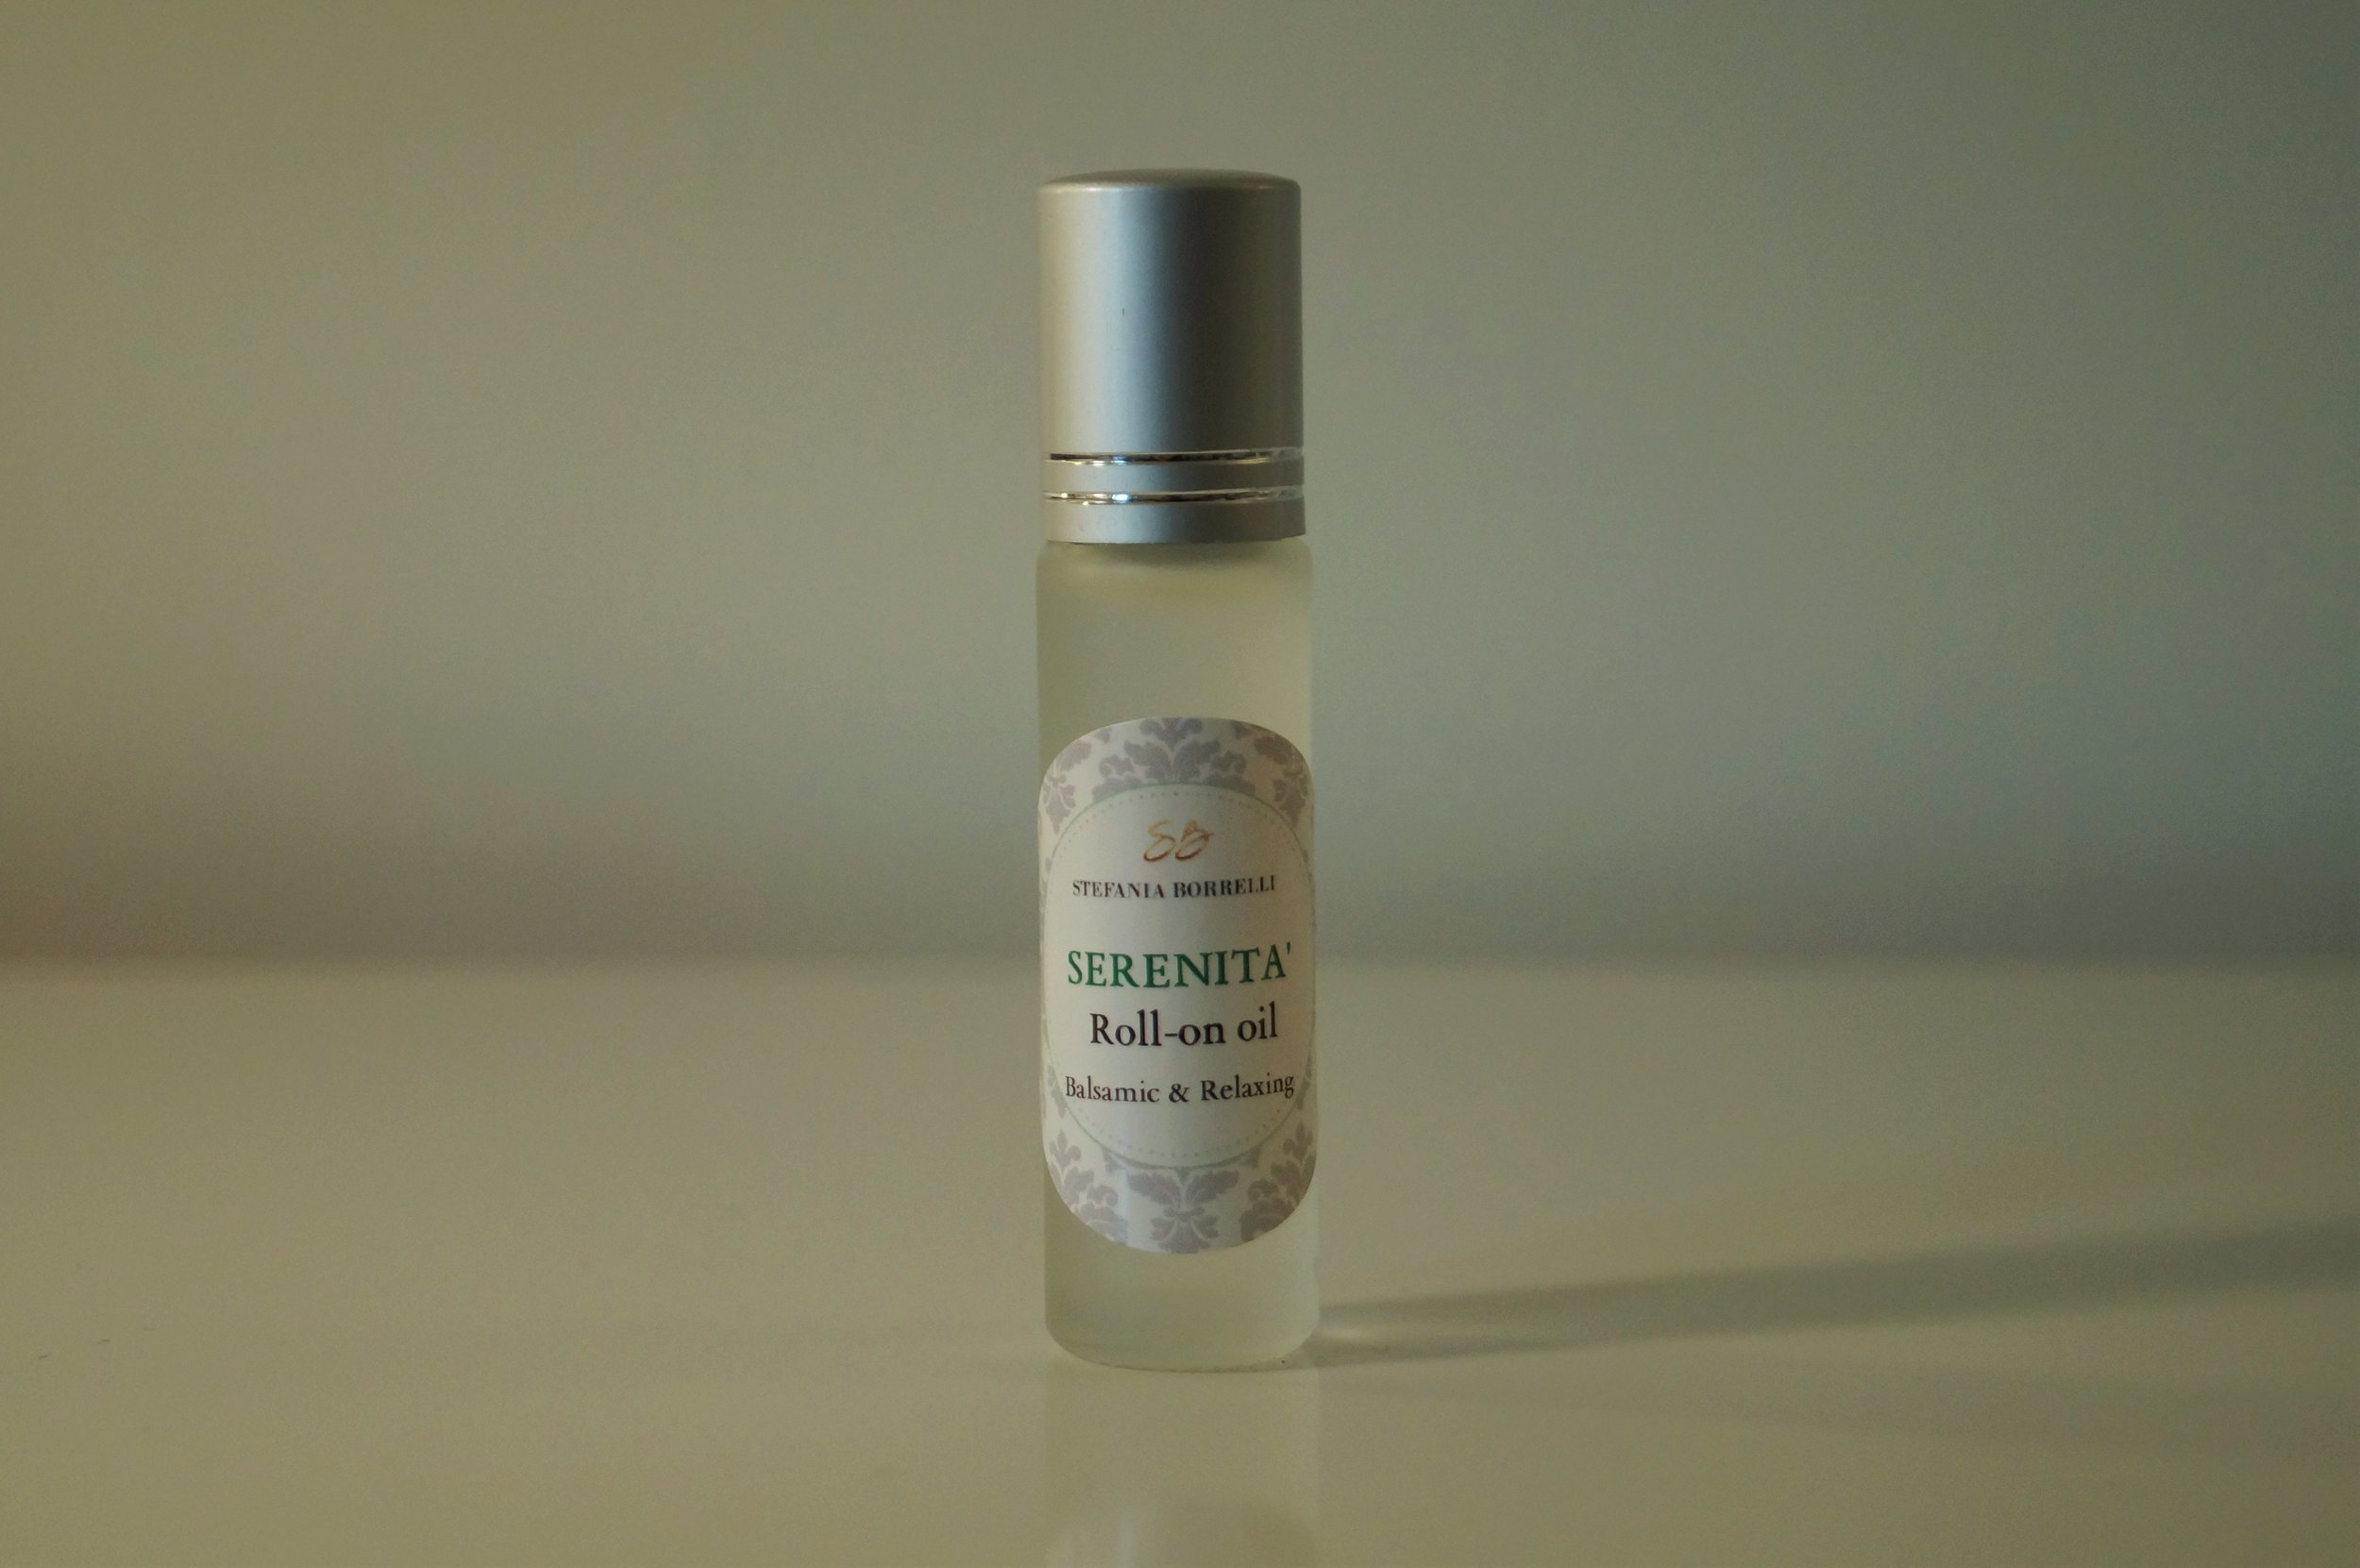 SERENITA' ROLL-ON OIL